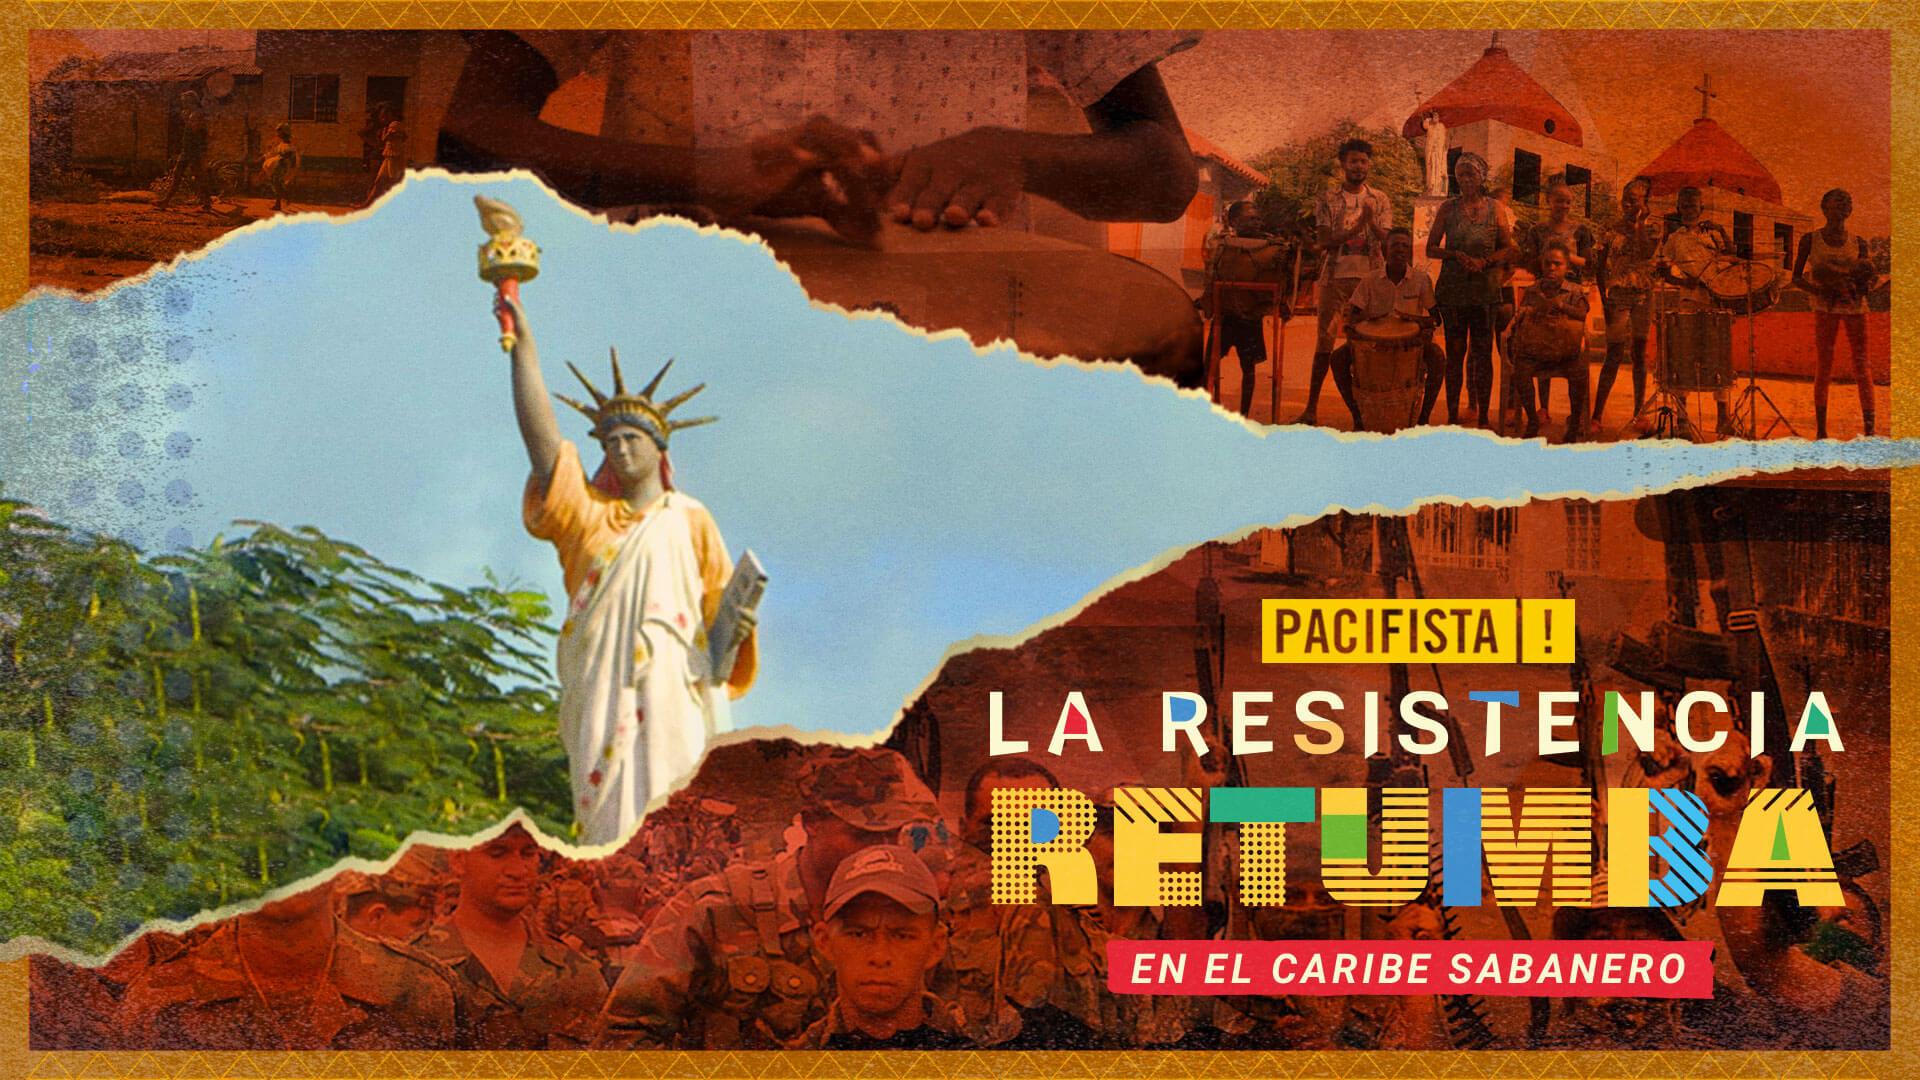 PACIFISTA! presenta: La resistencia retumba en el caribe sabanero